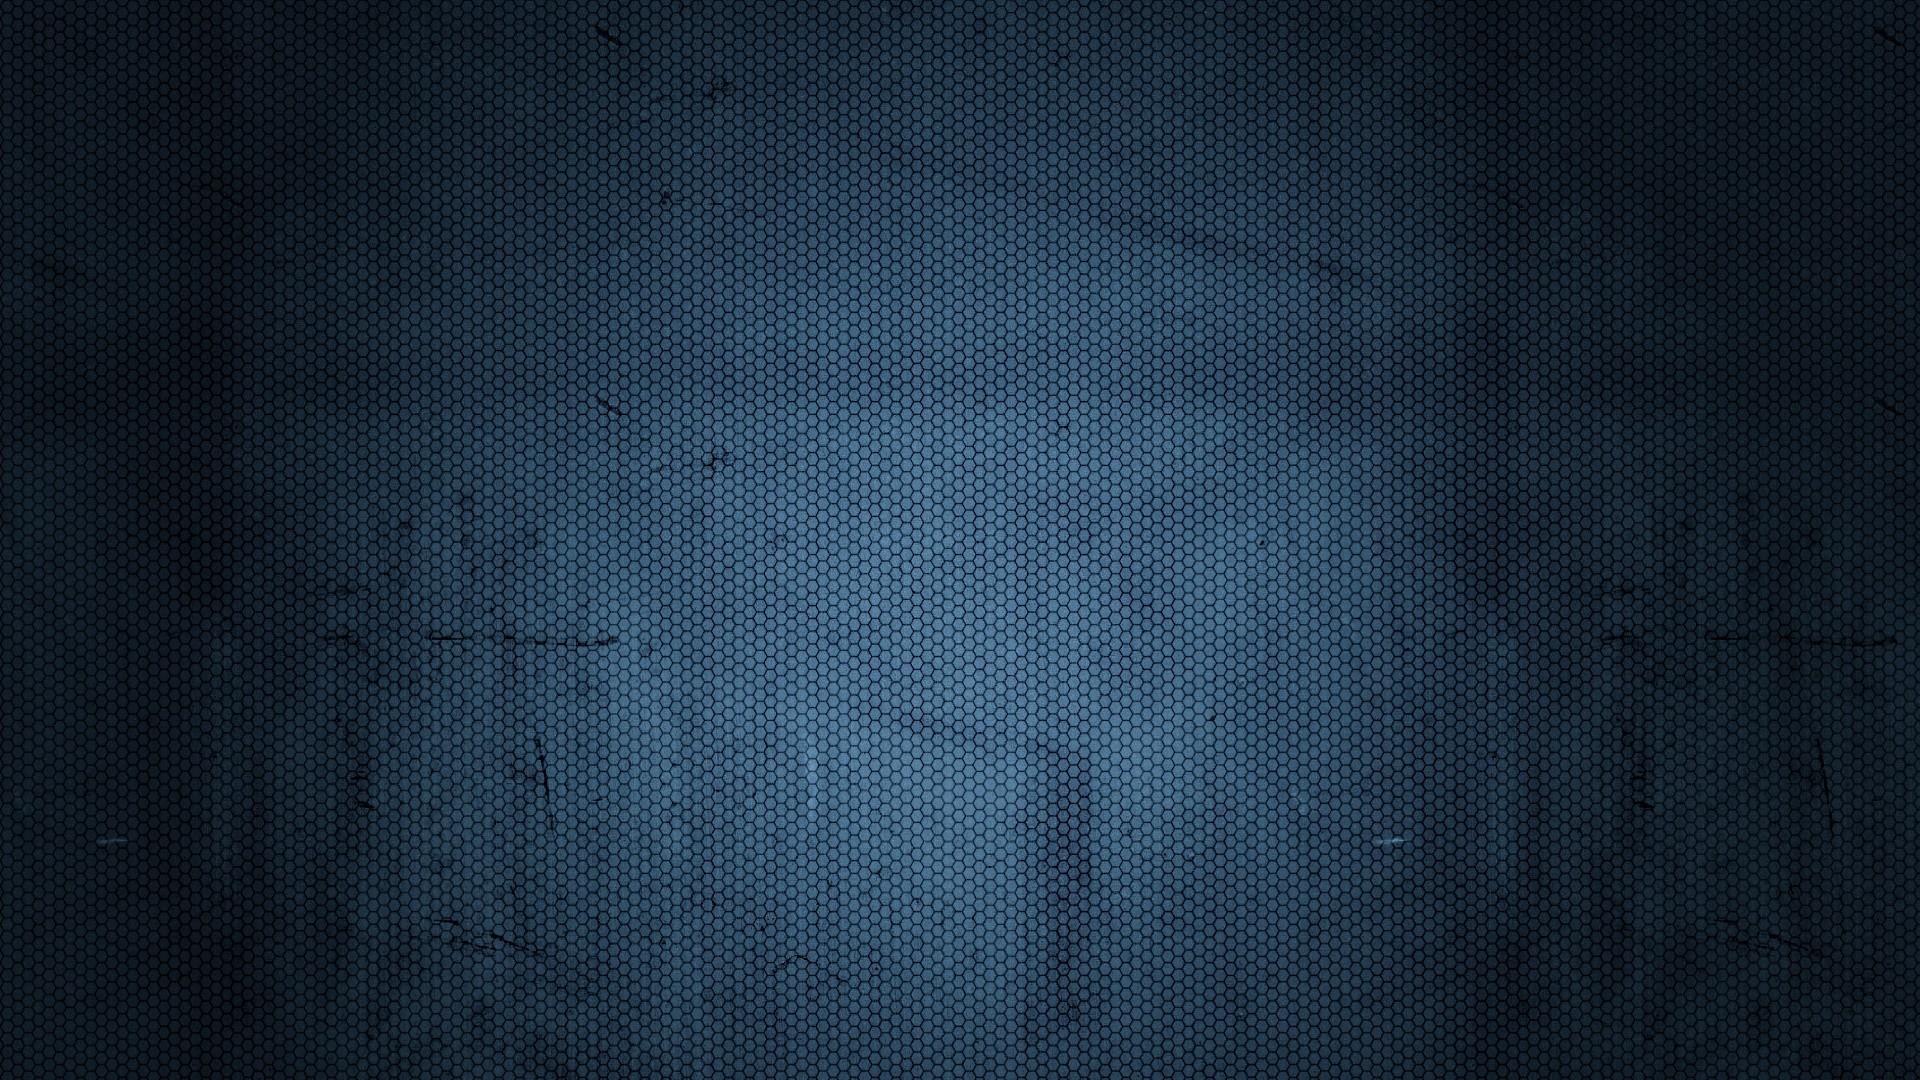 Navy Blue Wallpaper